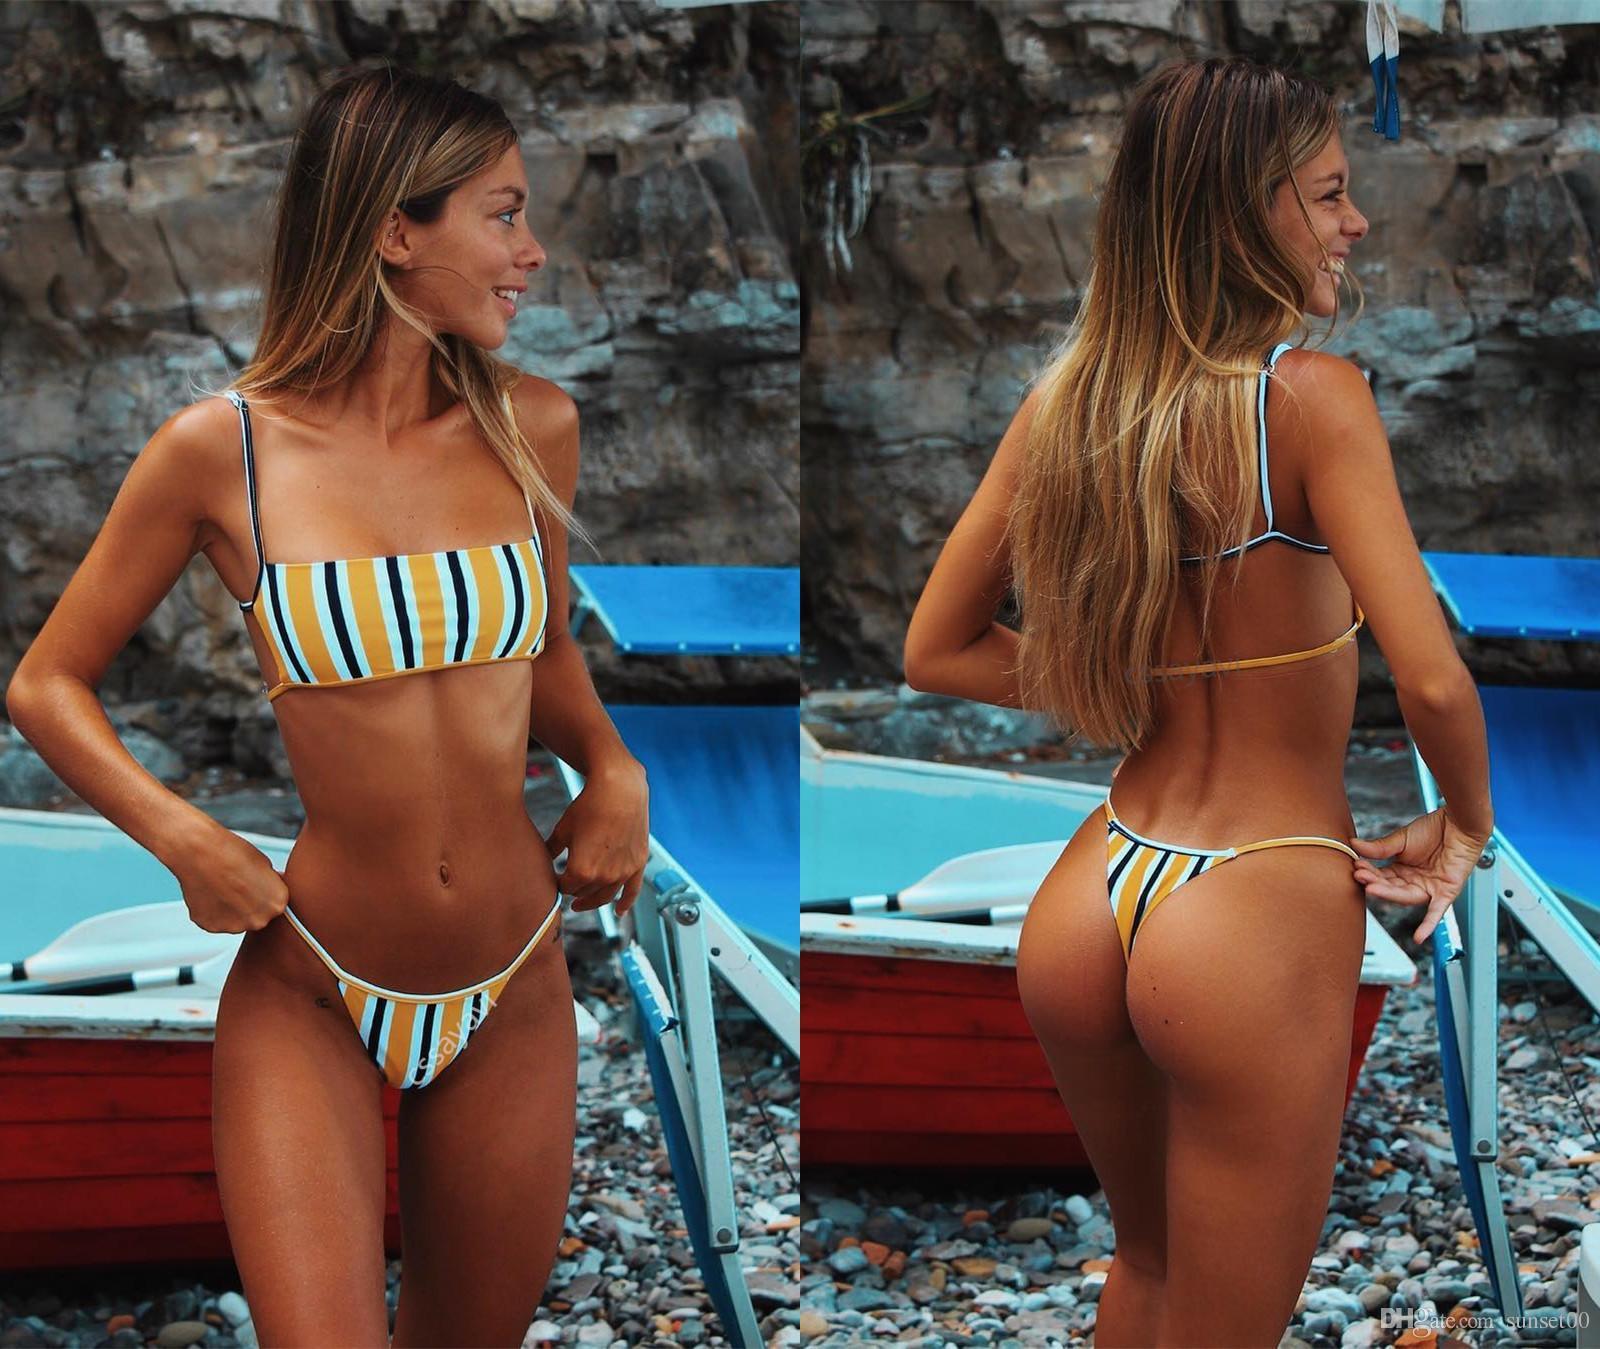 Mujer traje de baño correa verano bikini bikini chicas frescas impresión caliente sexy nueva playa vendiendo traje de baño rayado immlw